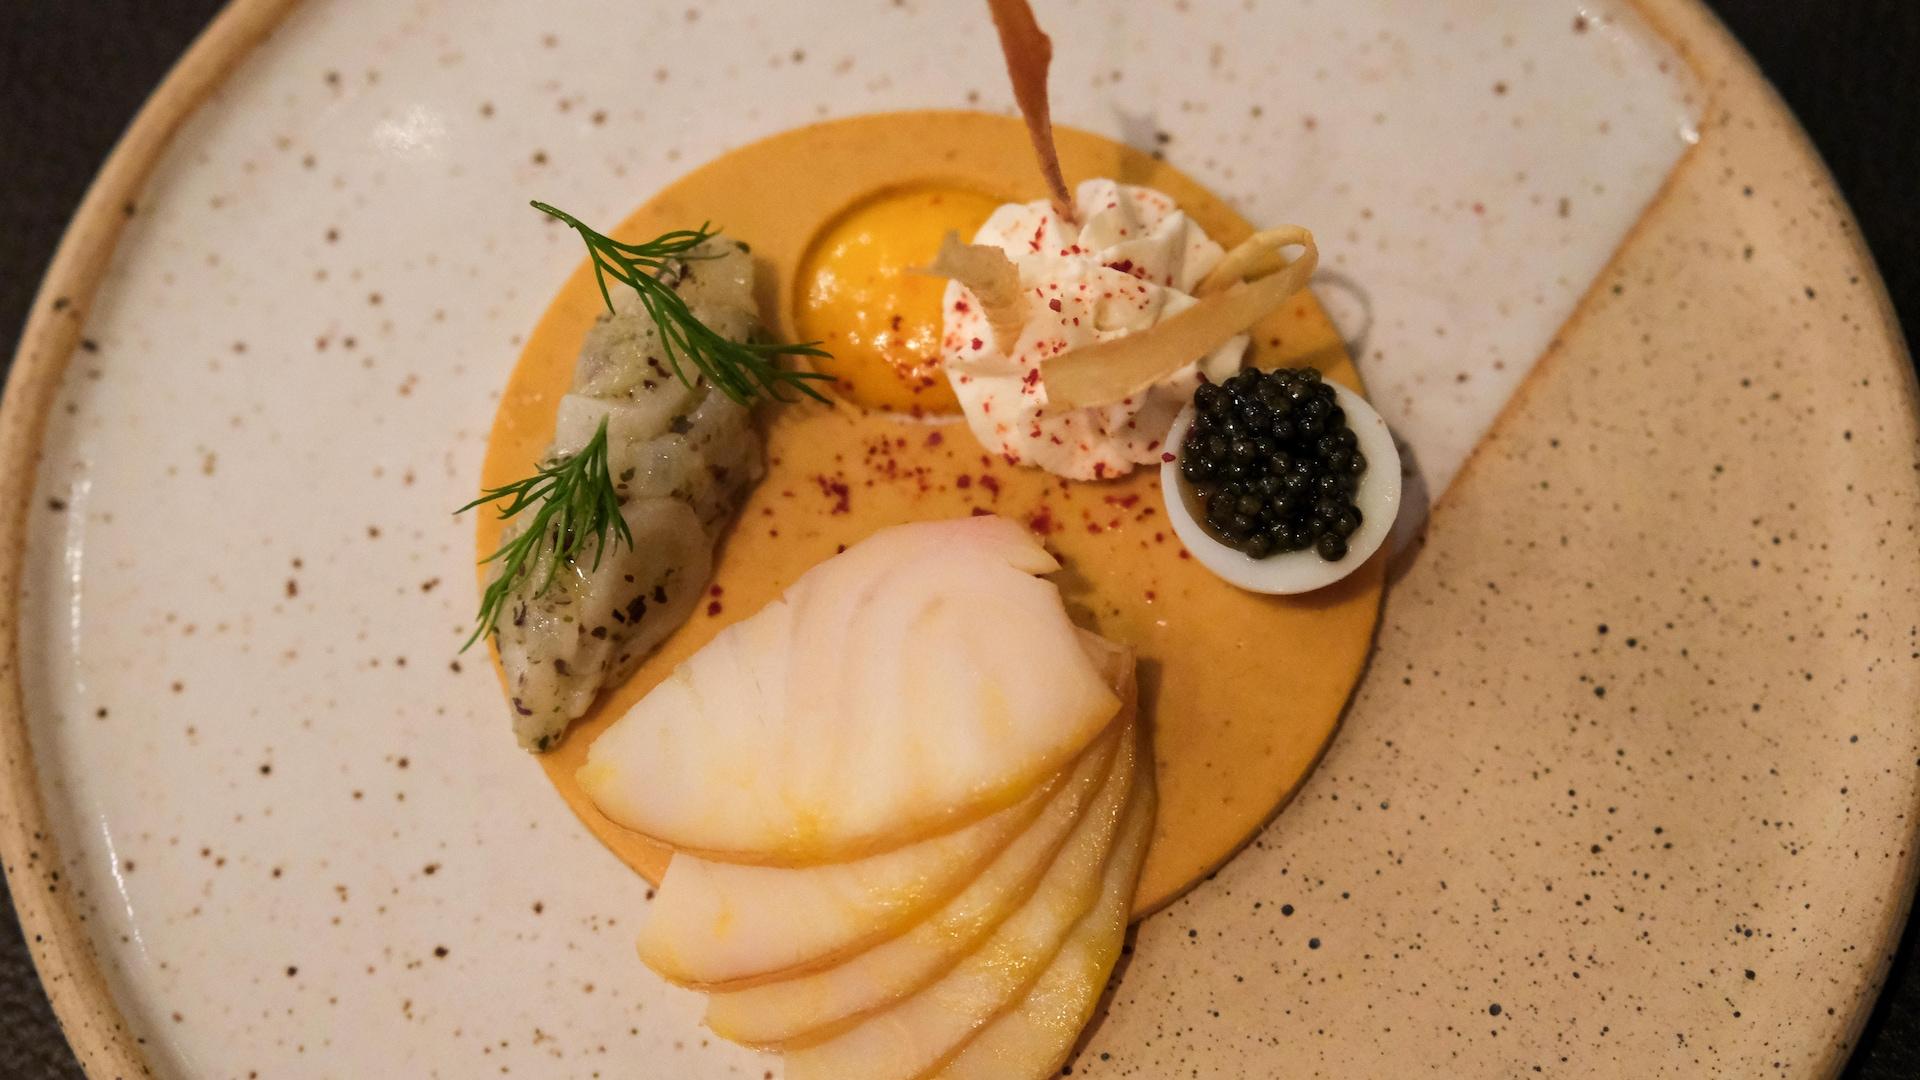 L'assiette d'esturgeon jaune du Saint-Laurent et oursin du Kamouraska du Laurie Raphaël. Accompagnement de légumes racines et caviar du lac St-Pierre.